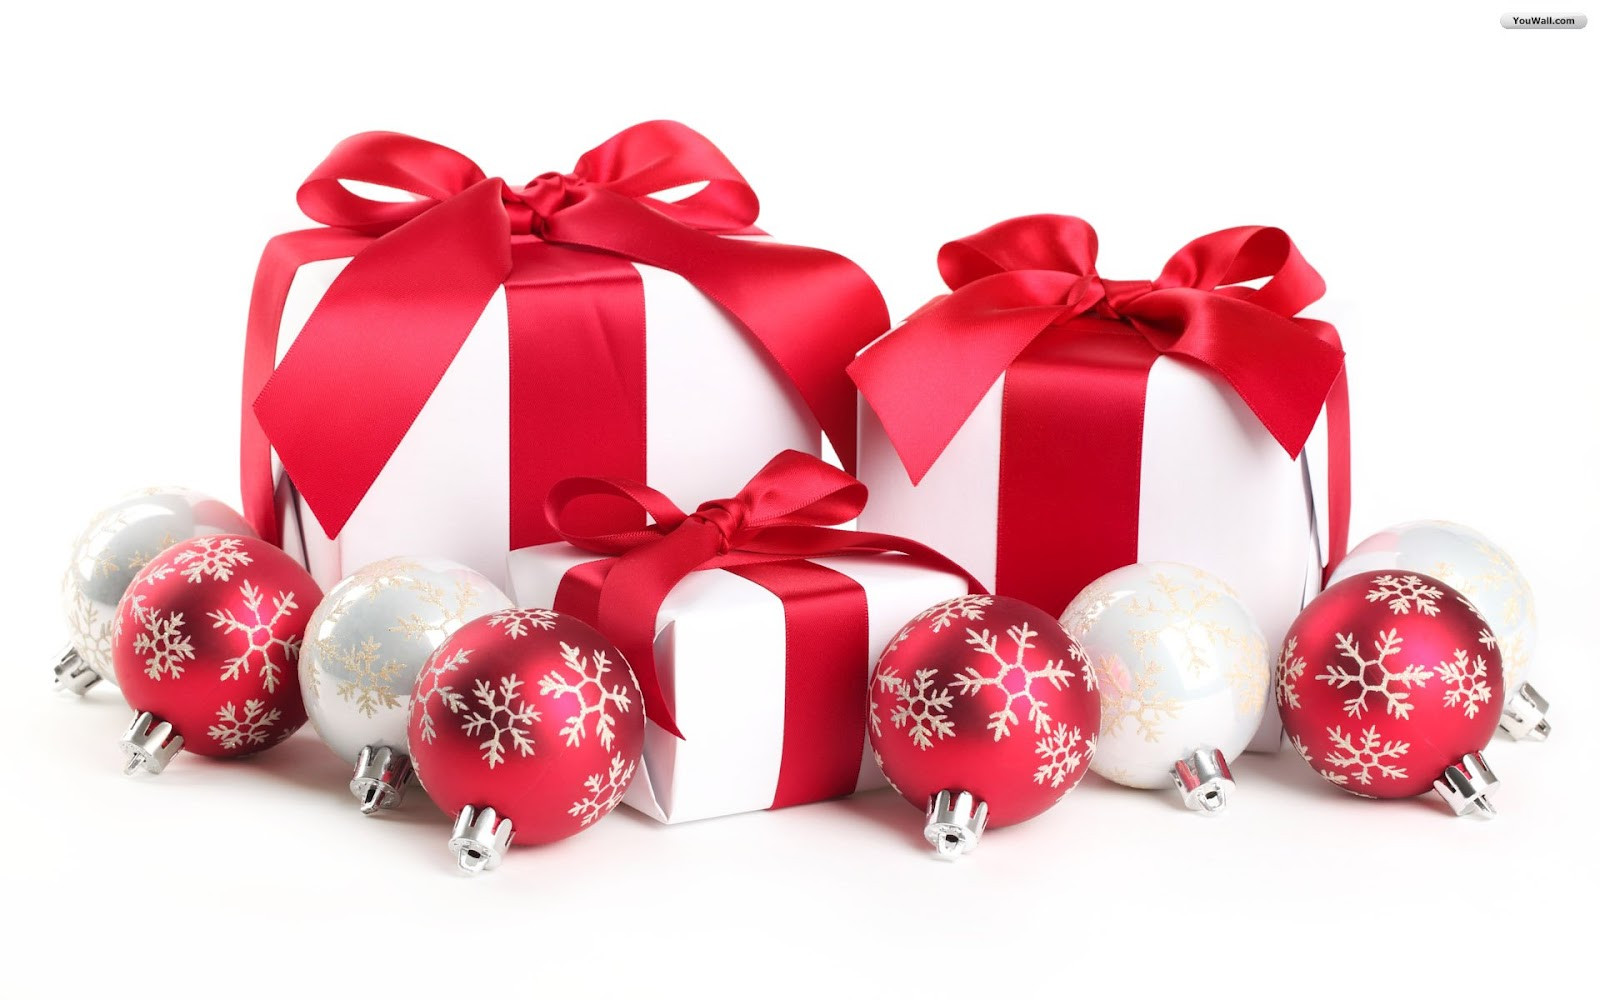 Weihnachts Geschenke  Weihnachten Bilder Weihnachtsgeschenke